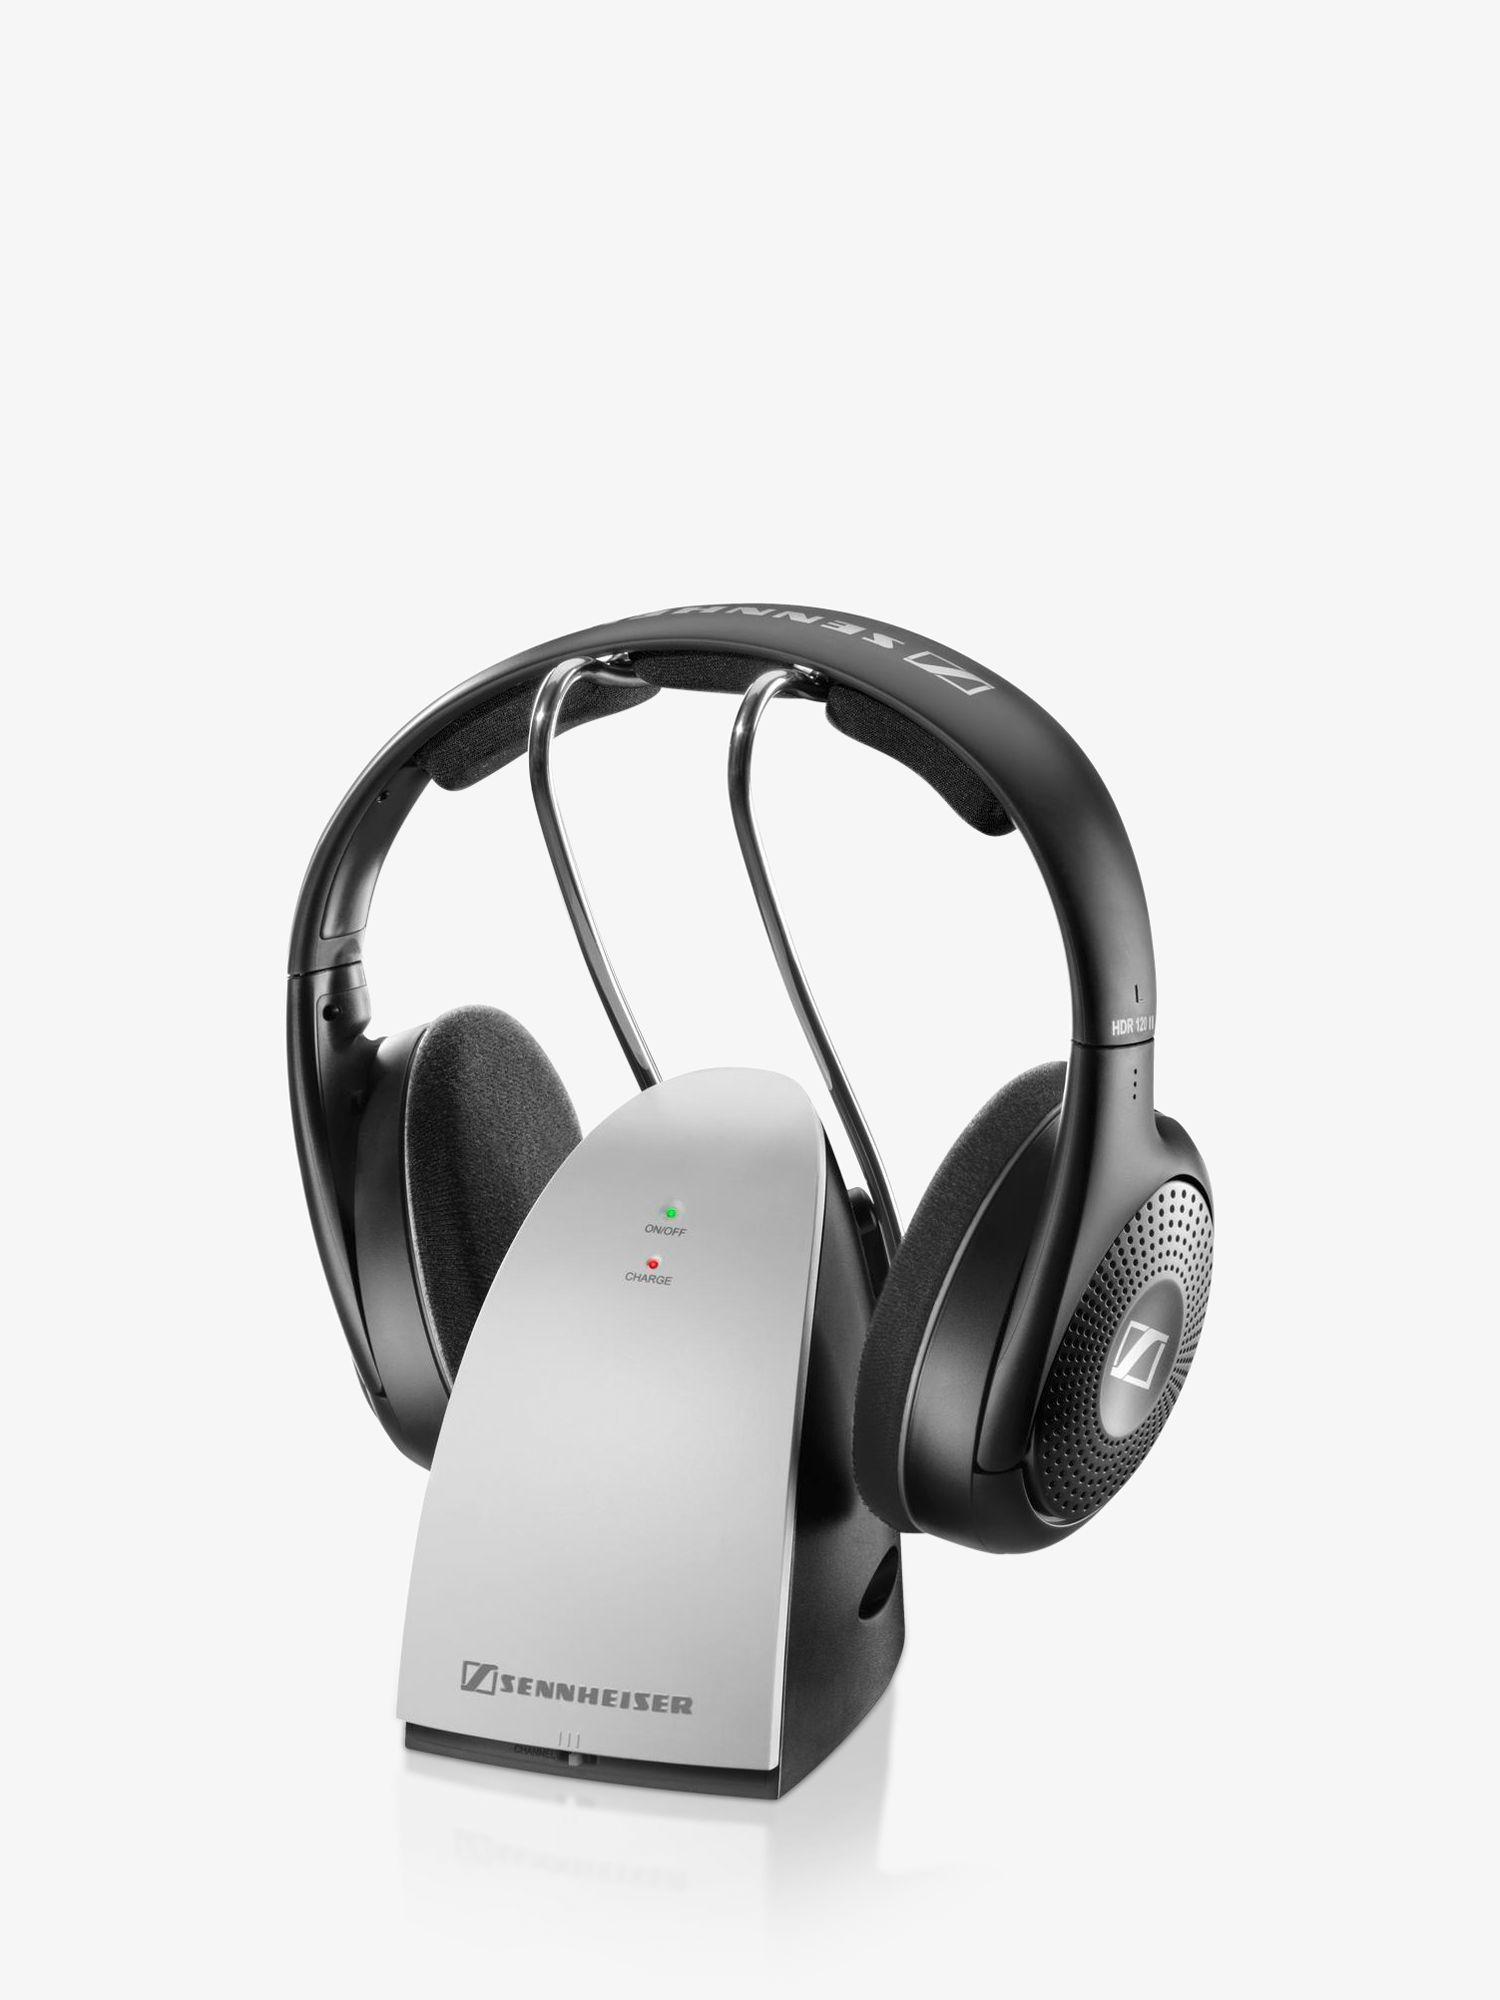 Sennheiser Sennheiser RS120 II Wireless Over-Ear Full Size Headphones, Black